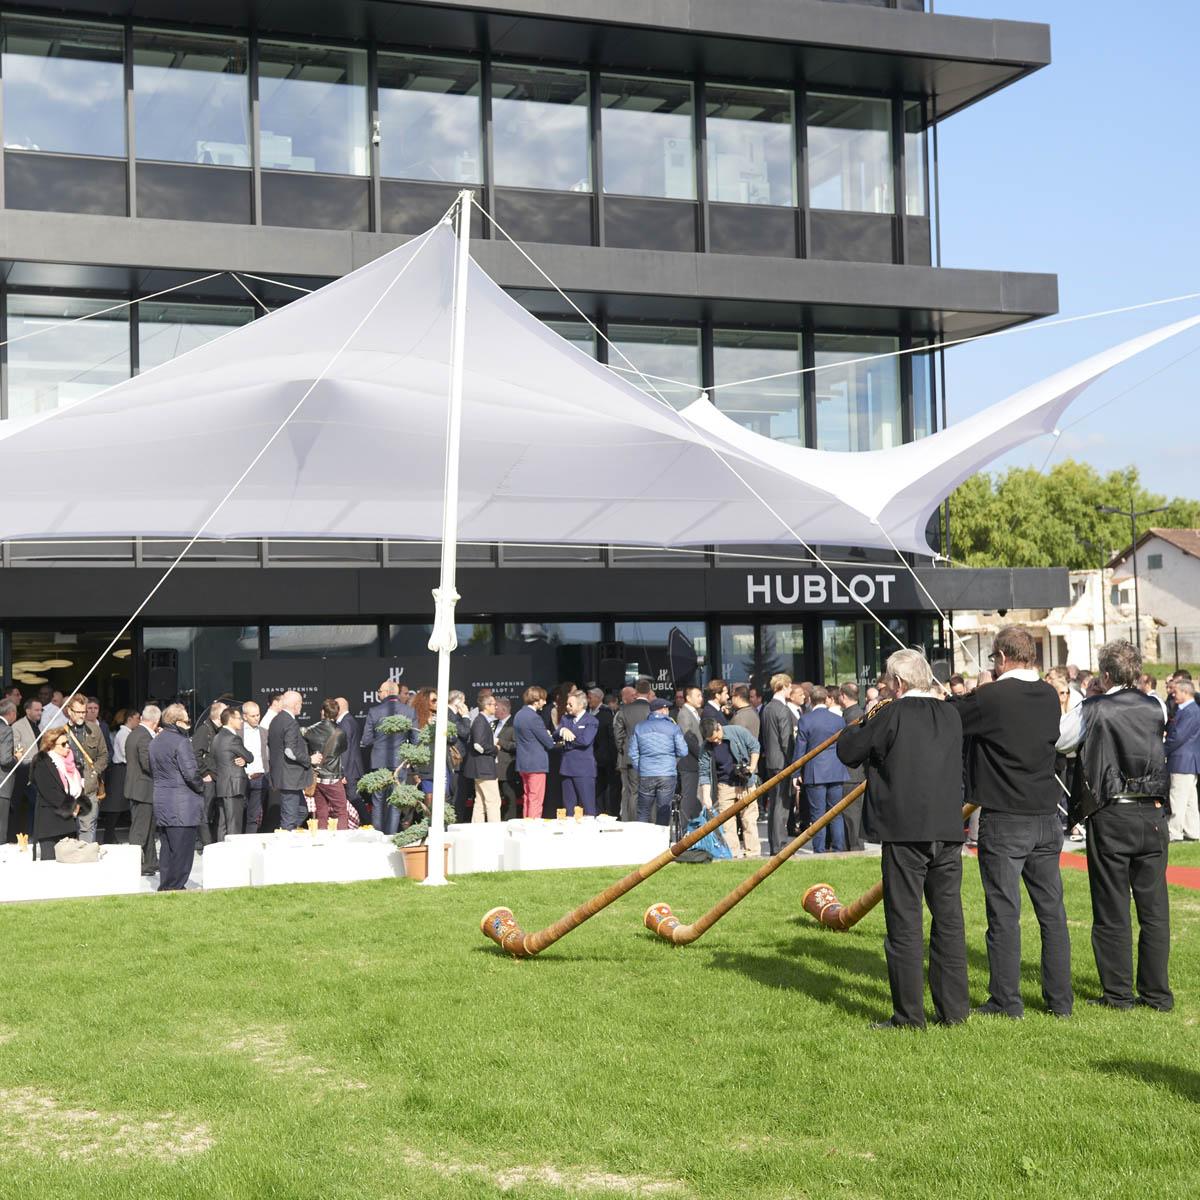 La Cote des Montres : Photo - Bar Refaeli, Lapo Elkann et Pelé inaugurent le deuxième bâtiment de la manufacture Hublot